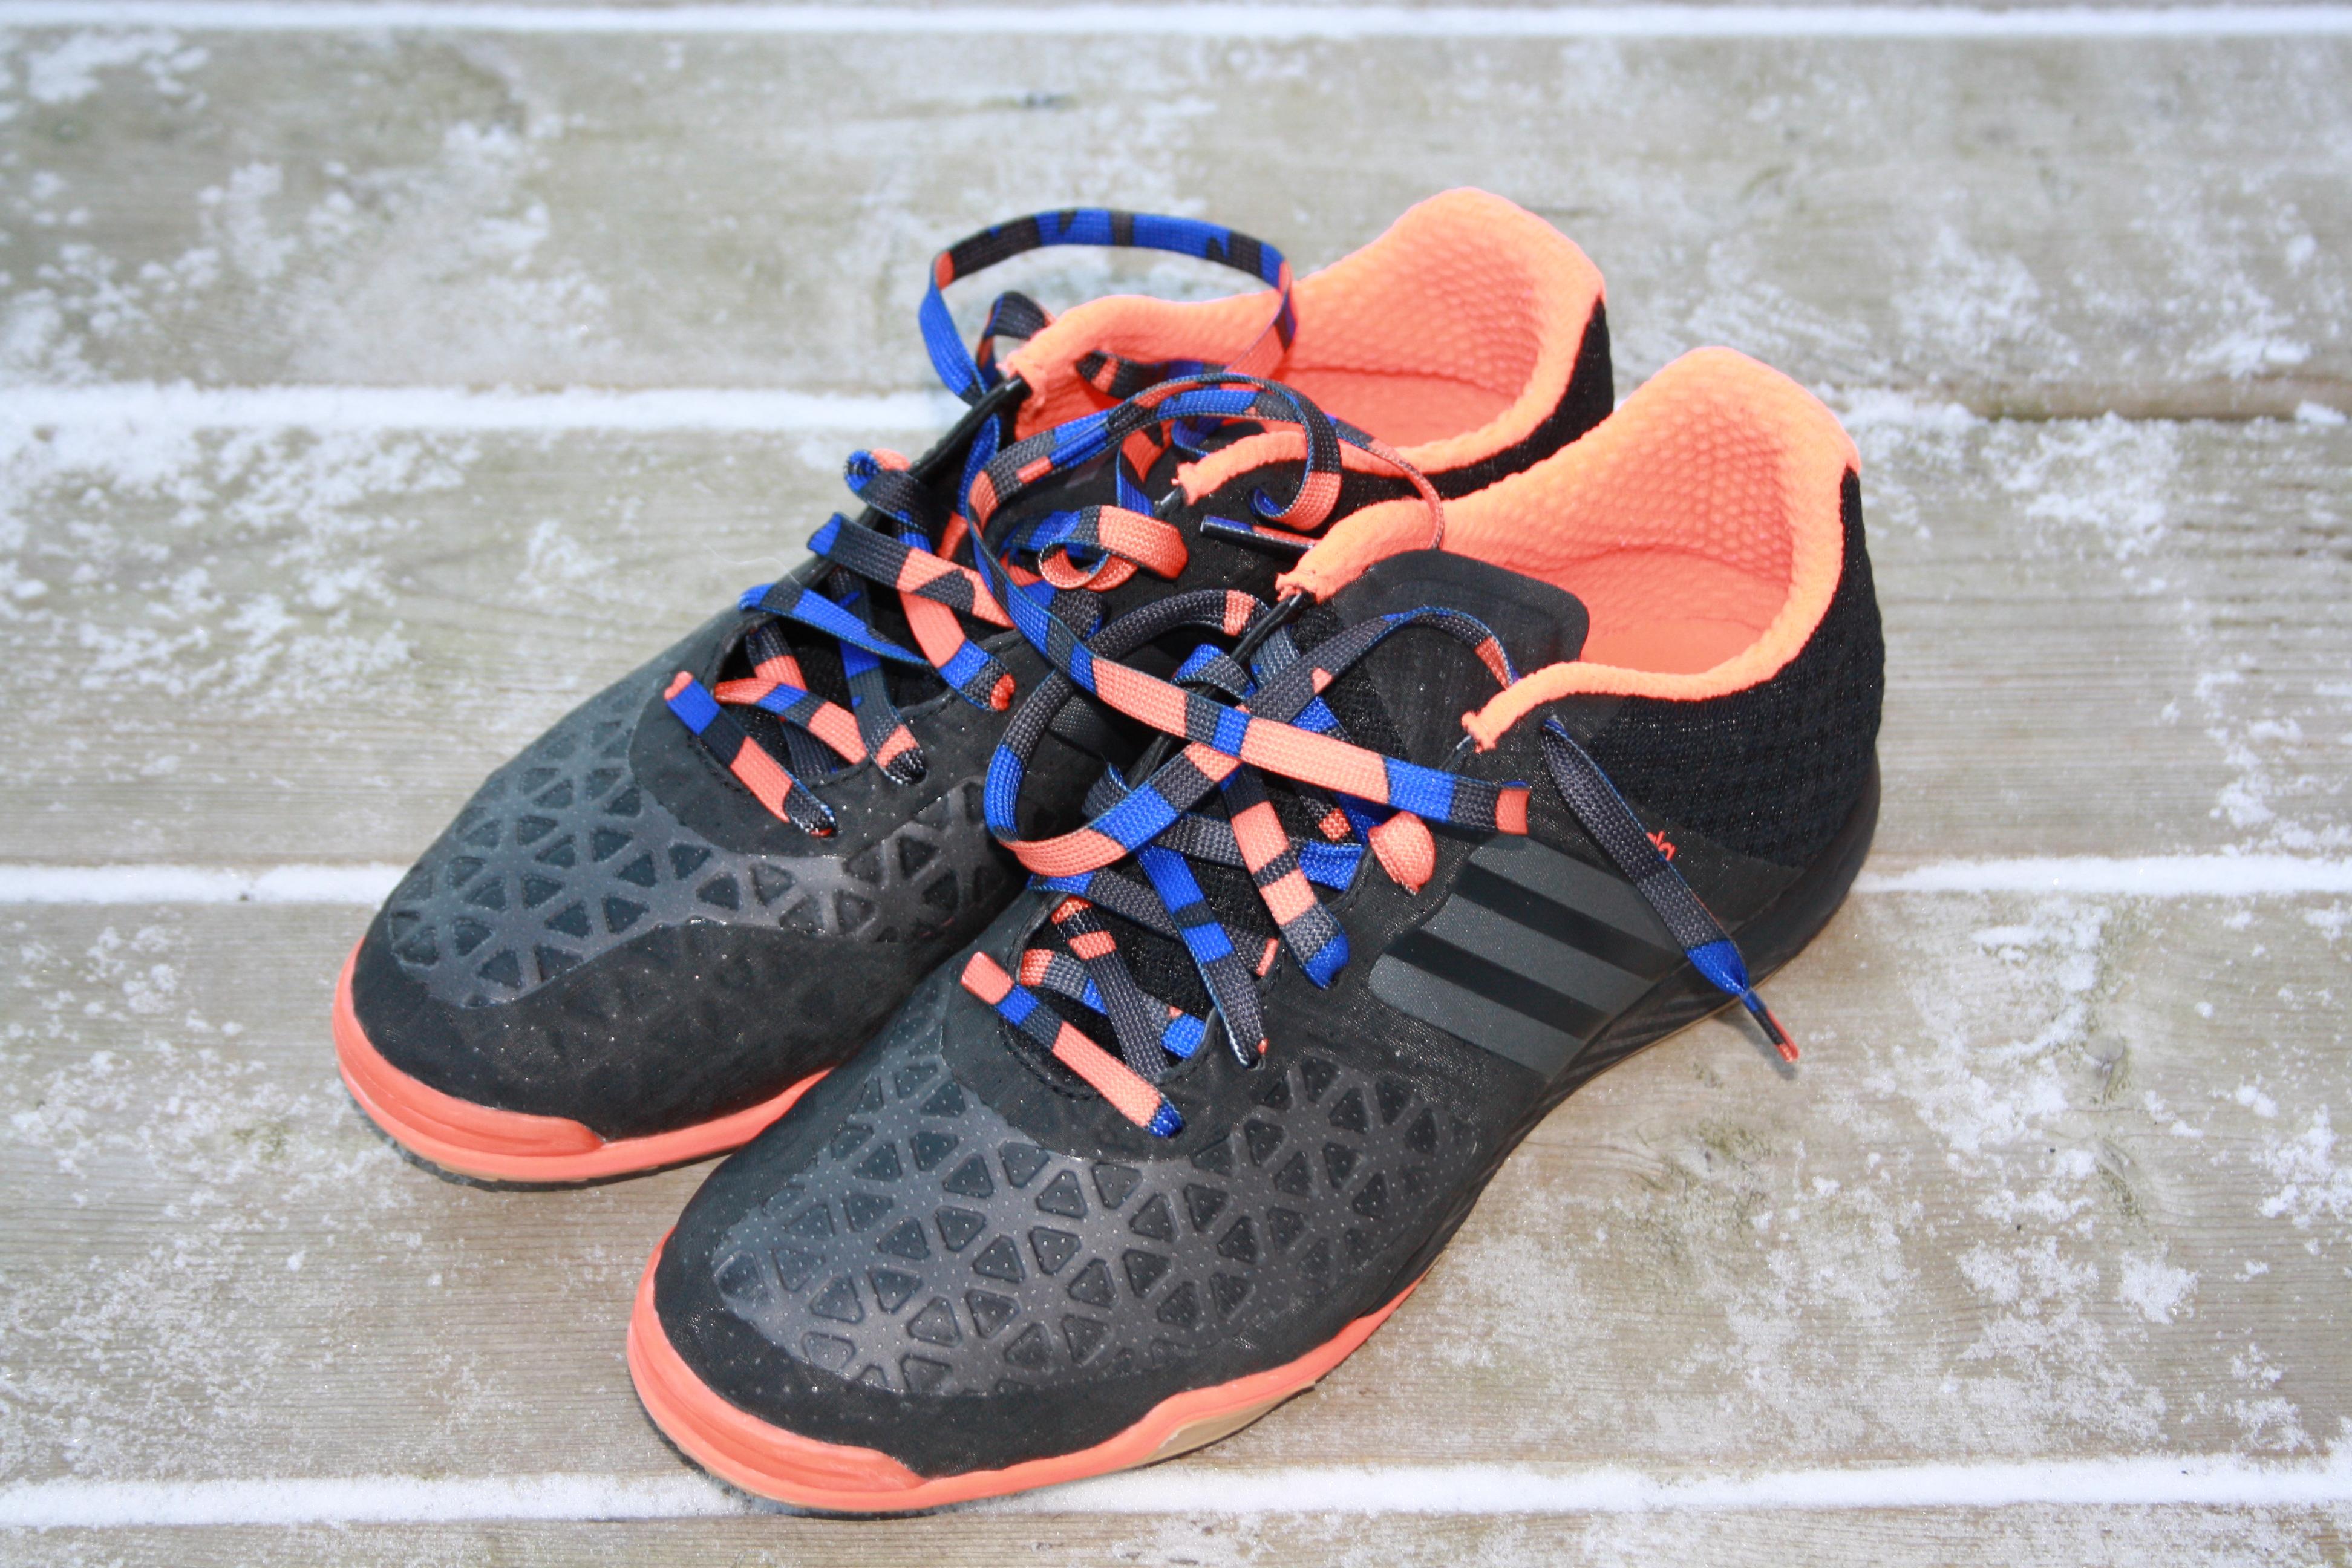 cansado cráneo Navidad  Adidas Ace 15.1 Top Sala - Indoor Shoe Review | Soccer Cleats 101